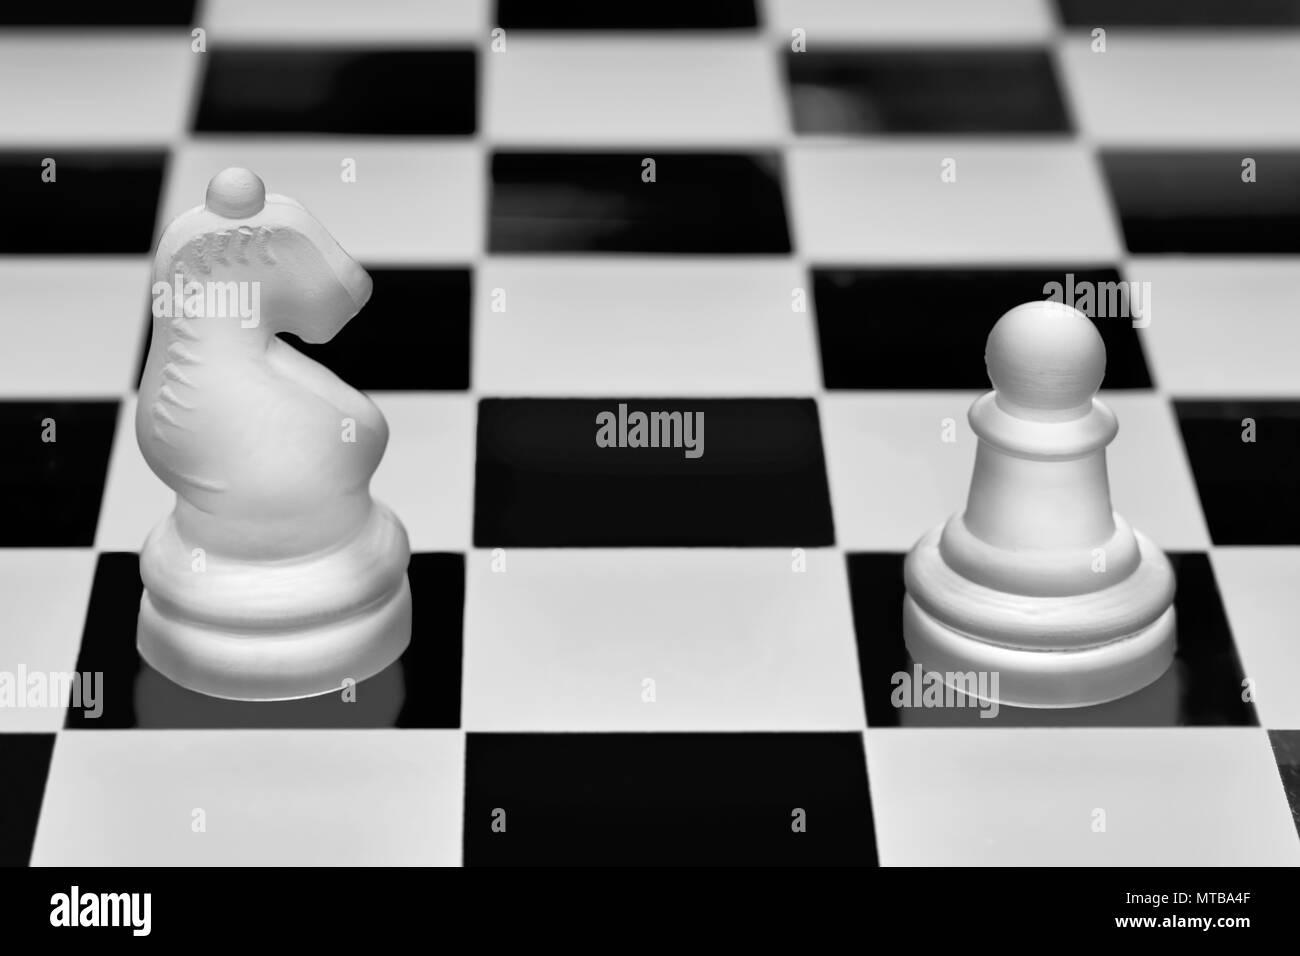 Las piezas de juego de ajedrez. El caballero y peón de uno contra el otro. Concepto de oposición y confrontación. Imagen De Stock